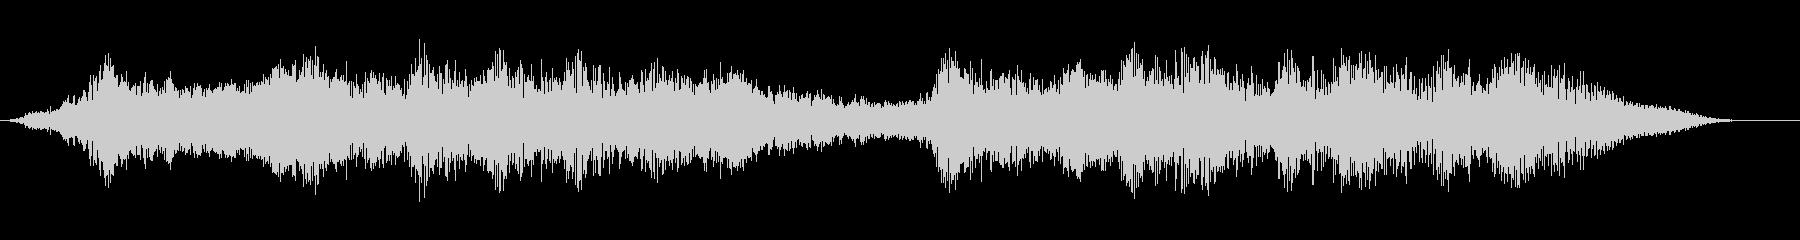 未知のレルムの未再生の波形